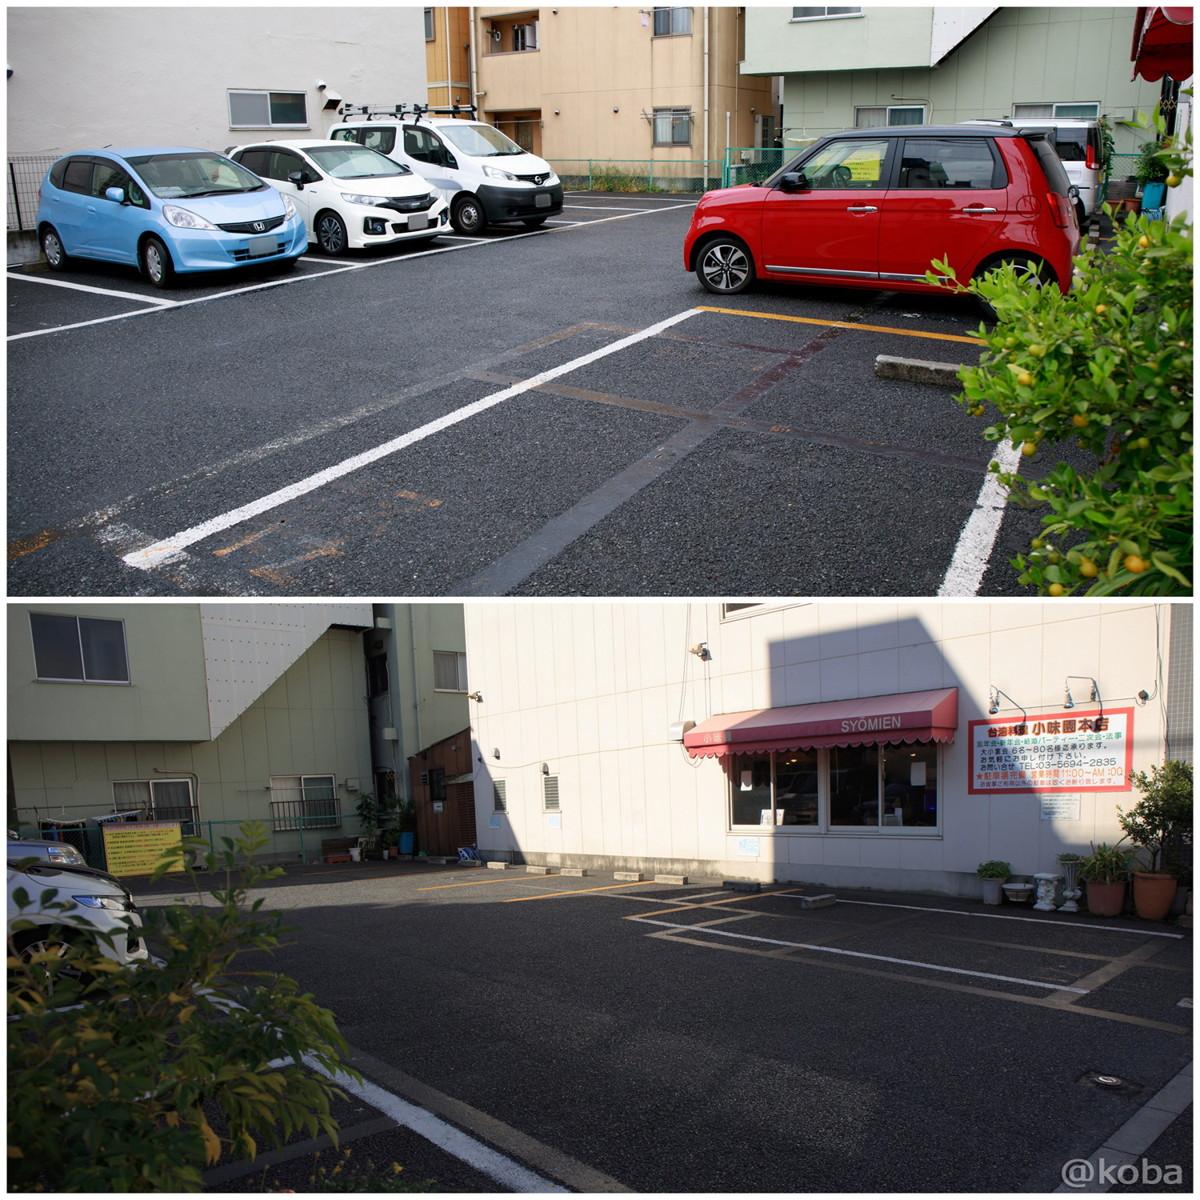 専用駐車場有り│台湾料理 小味園 本店 (しょうみえん)│小岩 ブログ│koiwa syoumienn